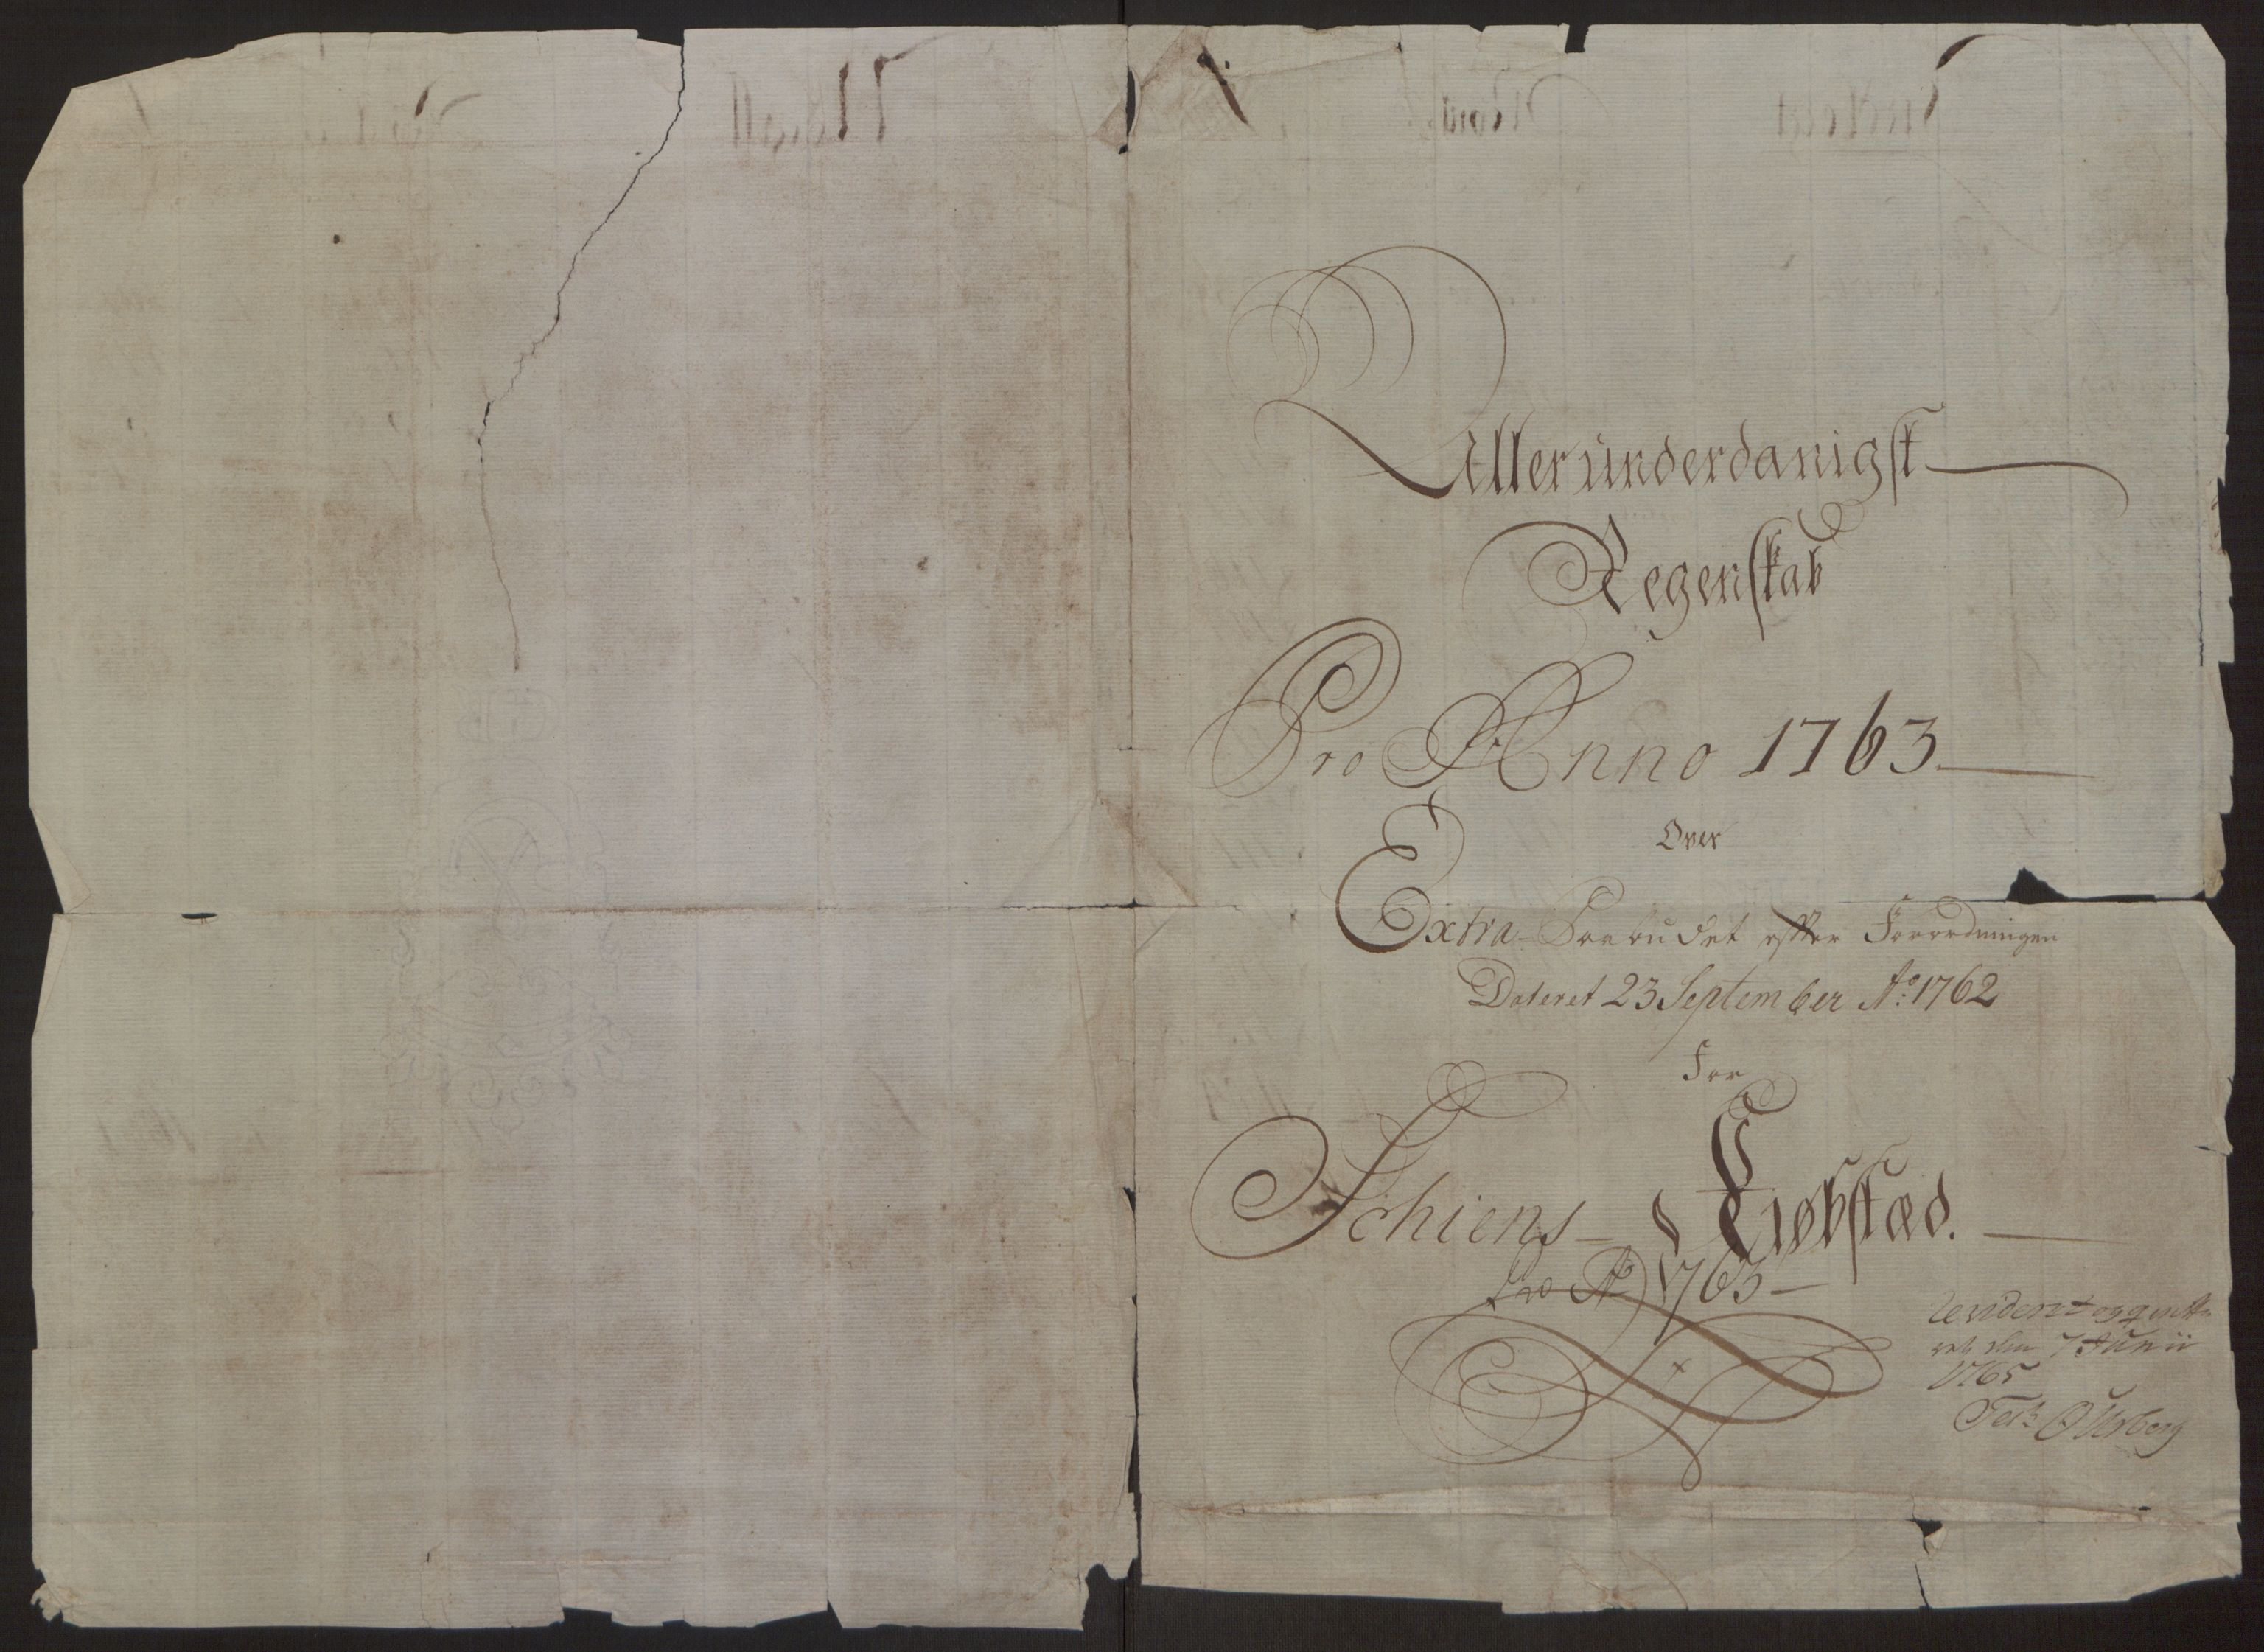 RA, Rentekammeret inntil 1814, Reviderte regnskaper, Byregnskaper, R/Rj/L0198: [J4] Kontribusjonsregnskap, 1762-1768, s. 104